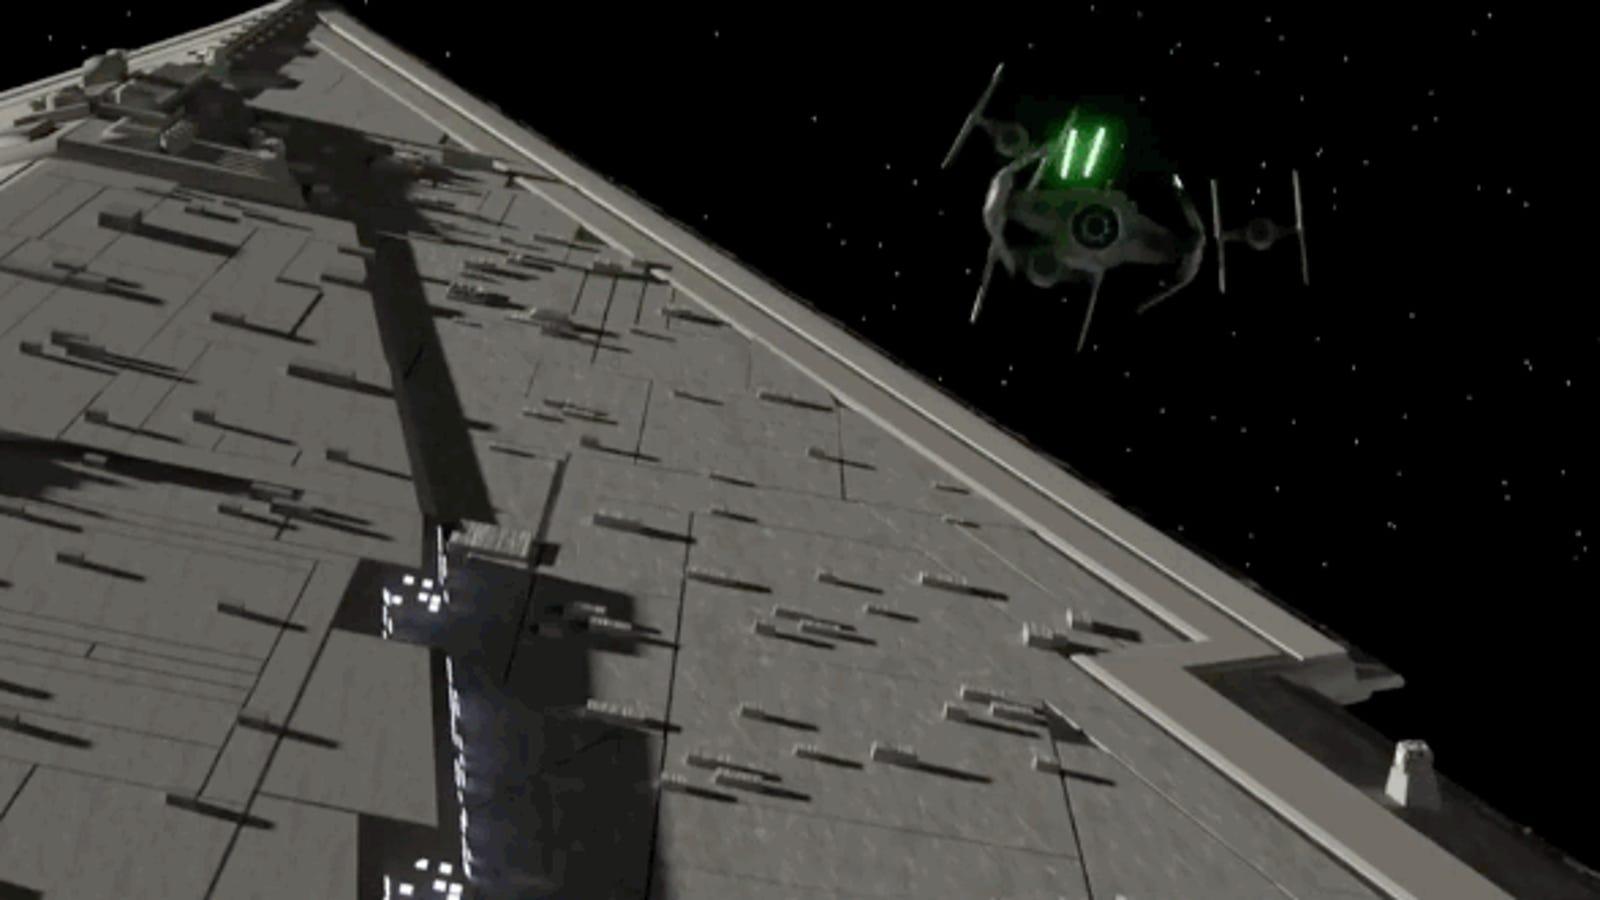 Reserva 10 minutos para disfrutar los geniales efectos visuales de este corto de Star Wars